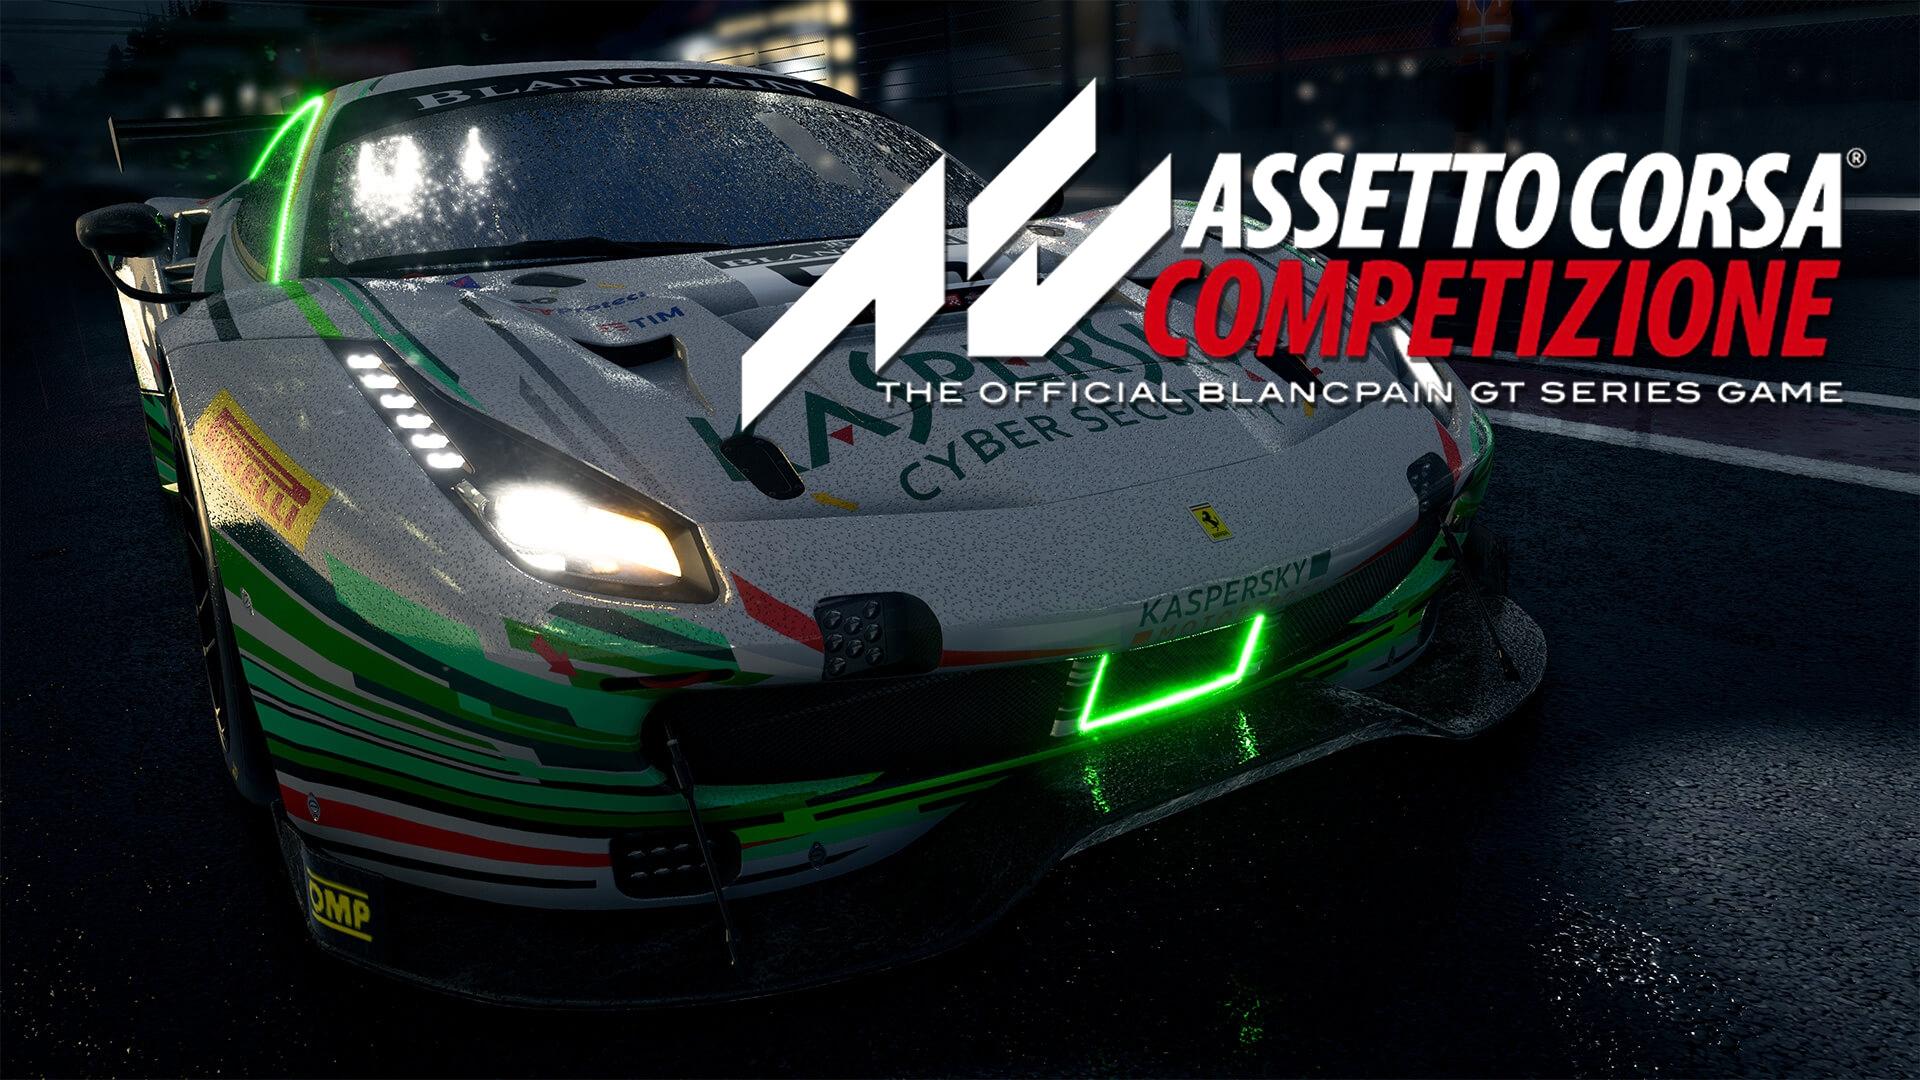 Speciale Assetto Corsa Competizione